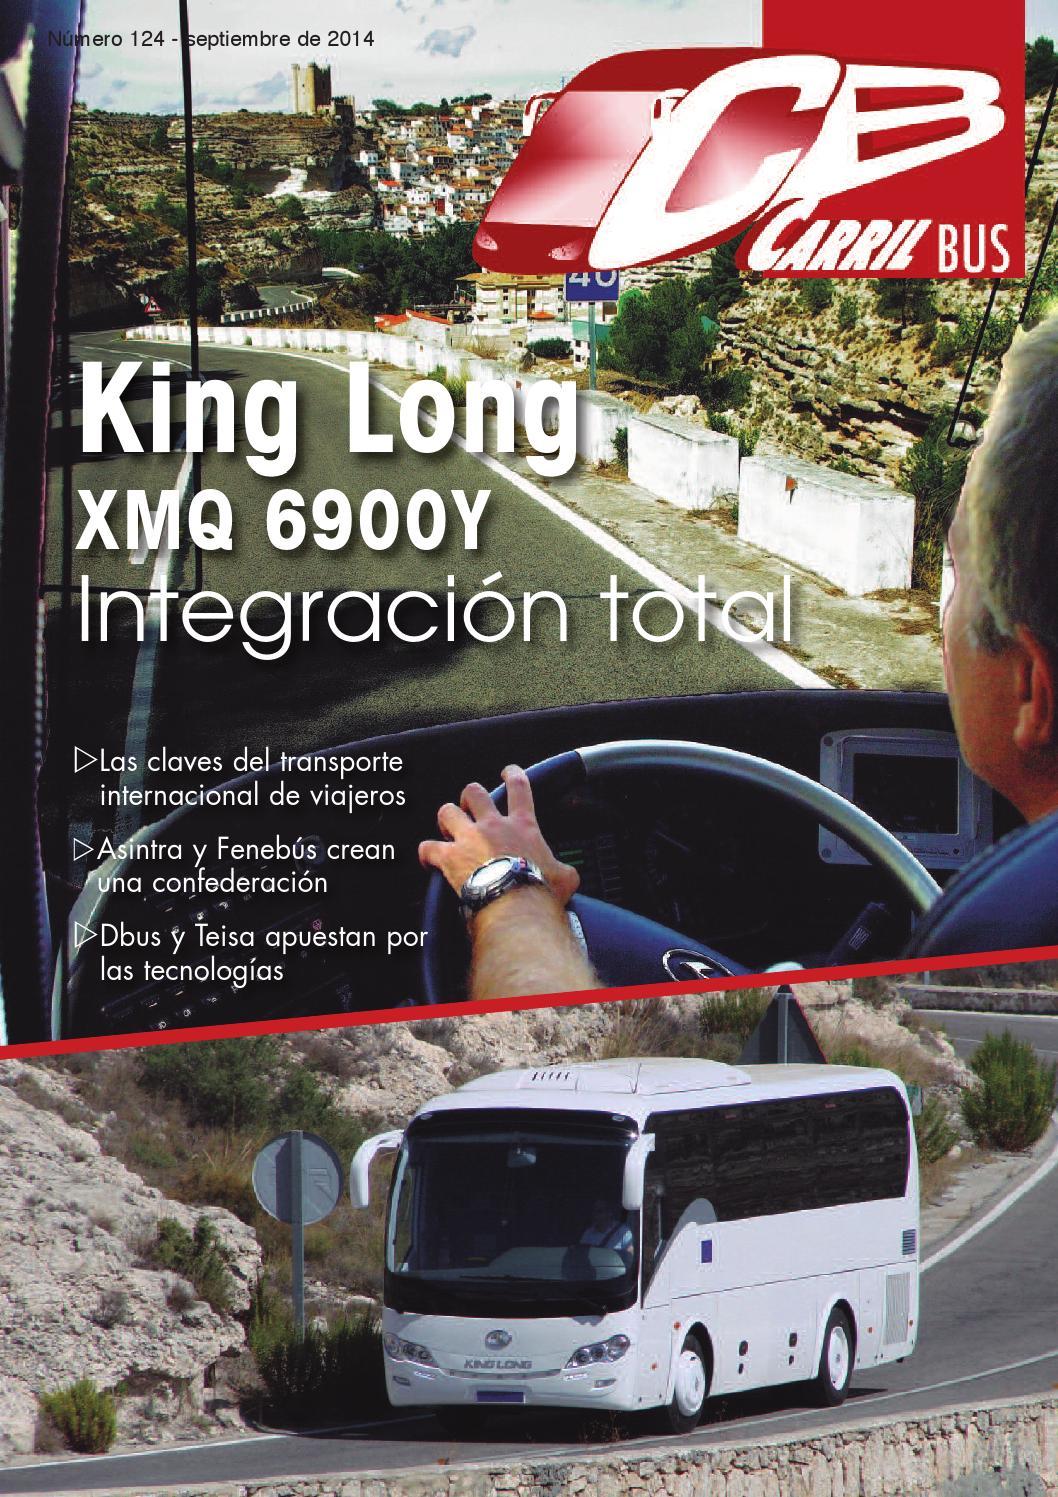 Carril Bus 124 - Septiembre 2014 by Miguel García - issuu